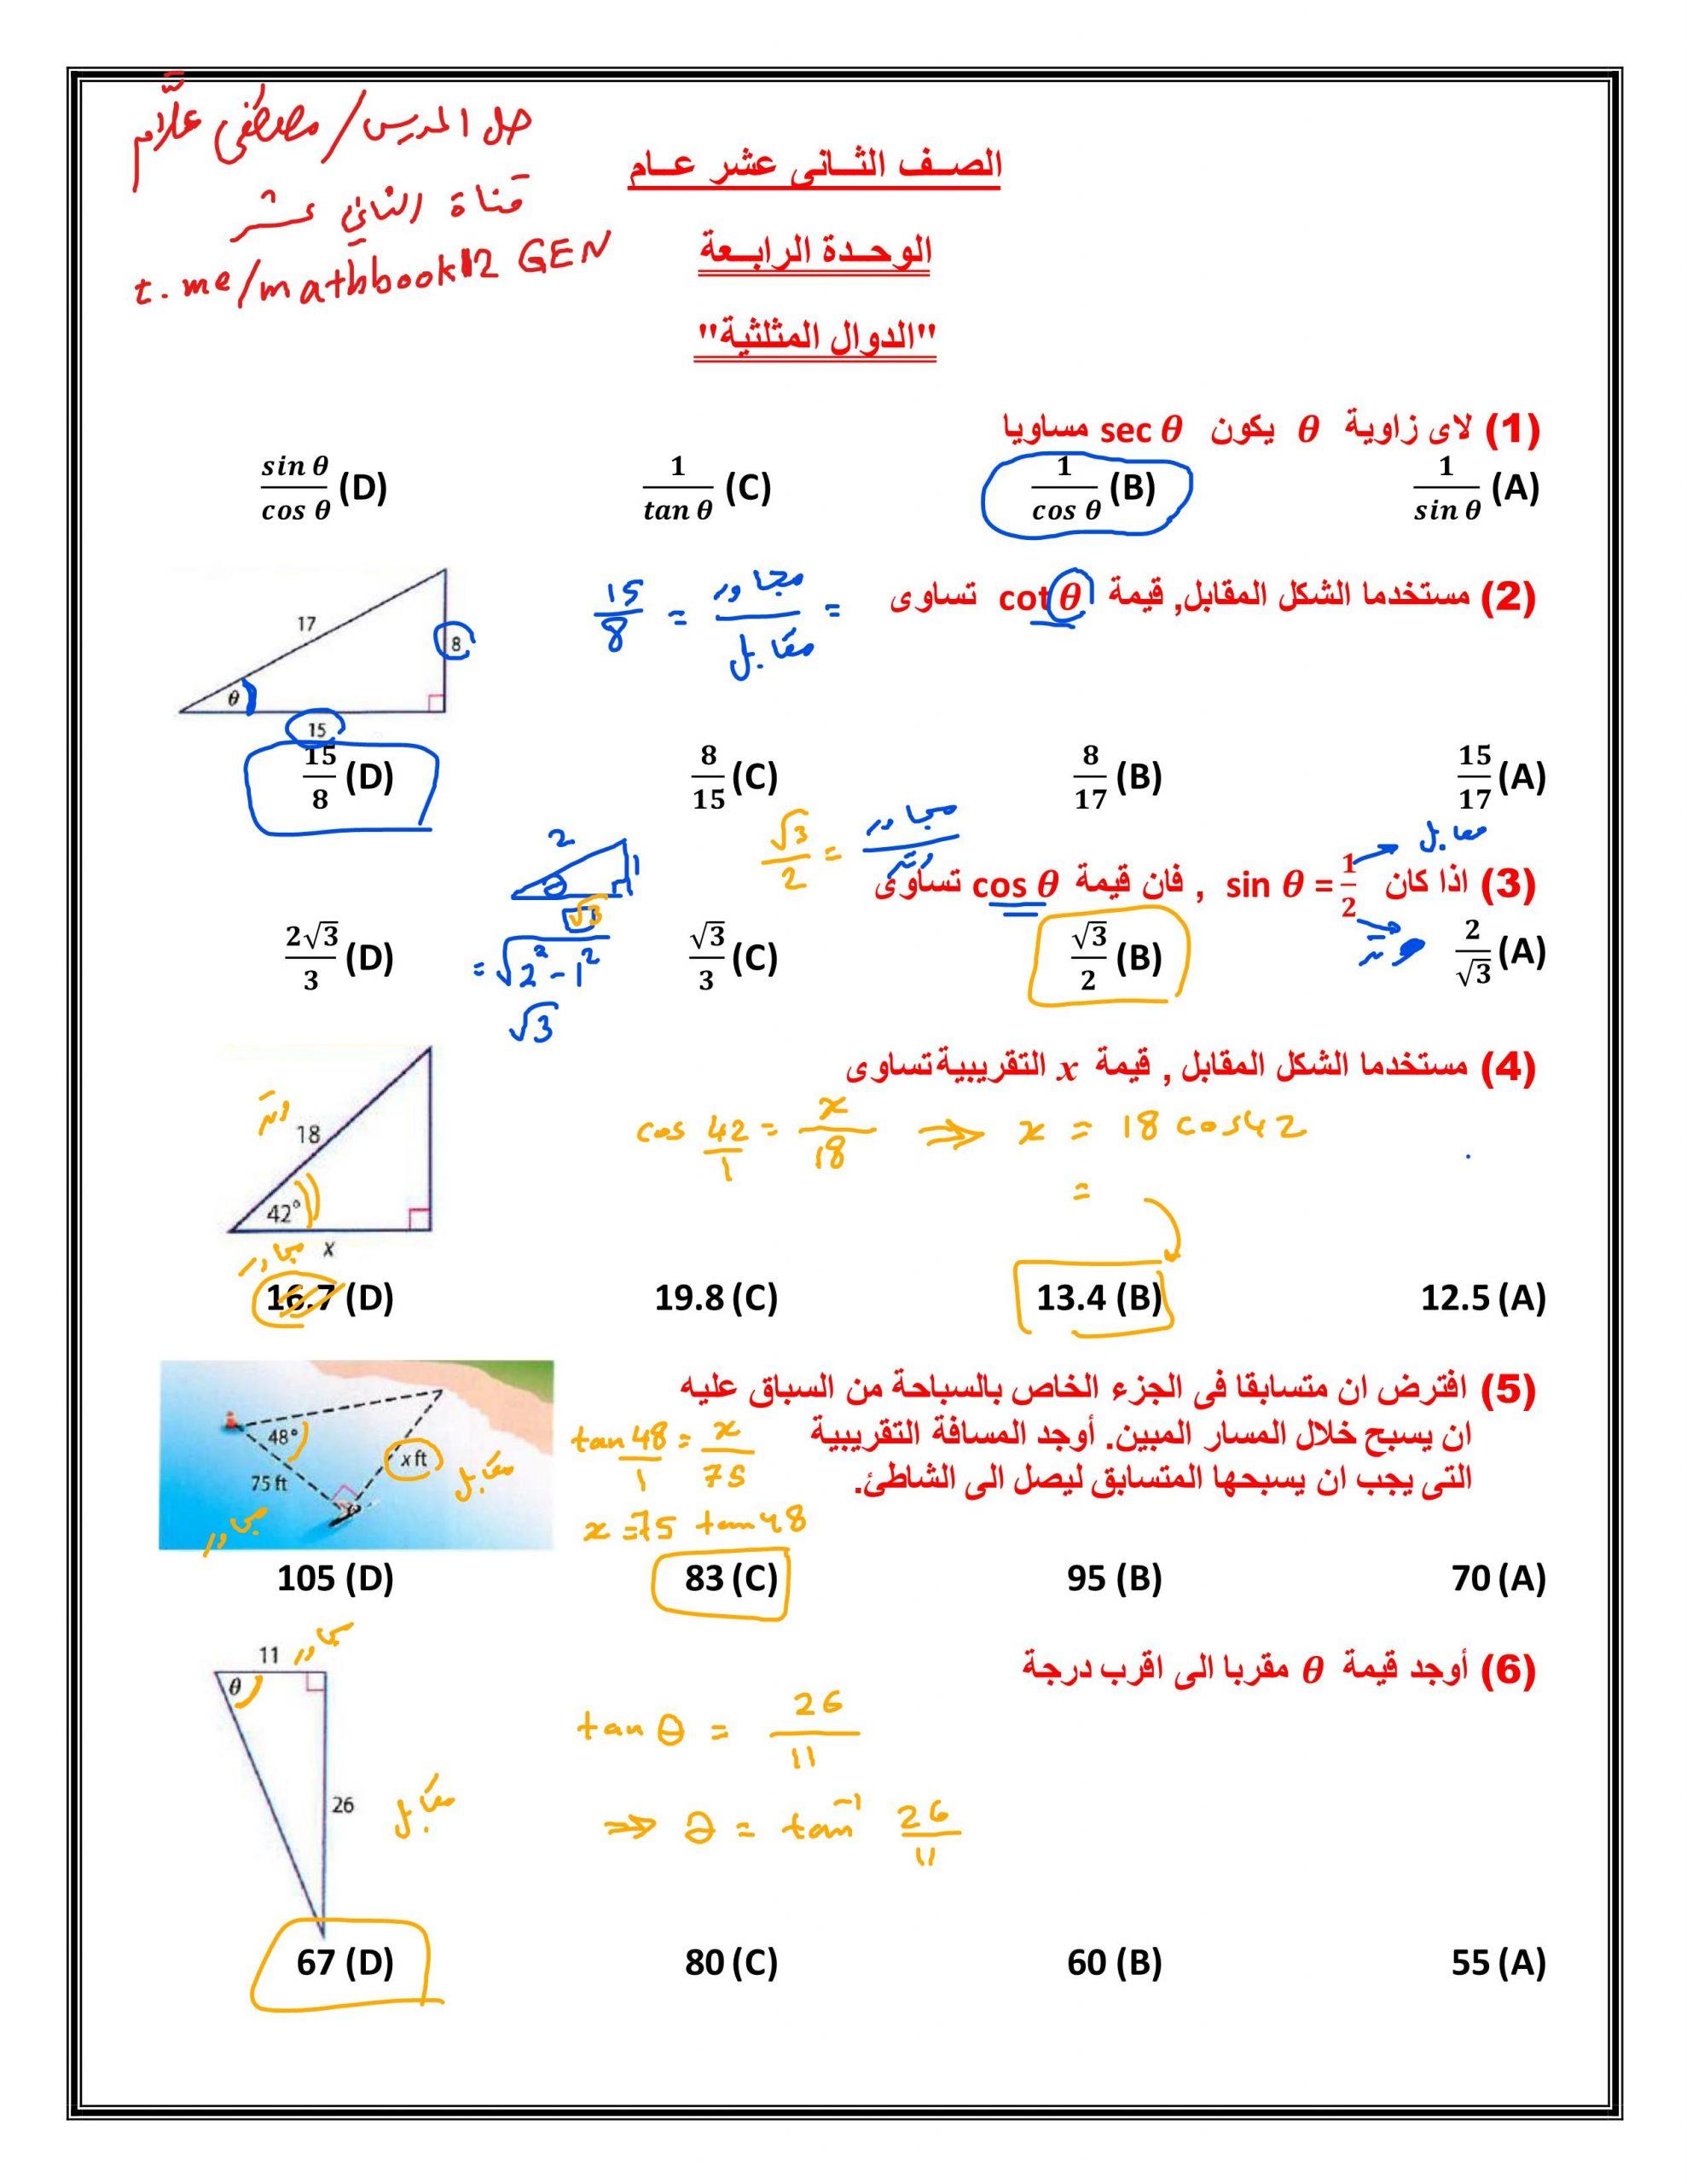 حل اوراق عمل الدوال المثلثية الصف الثاني عشر عام مادة الرياضيات المتكاملة